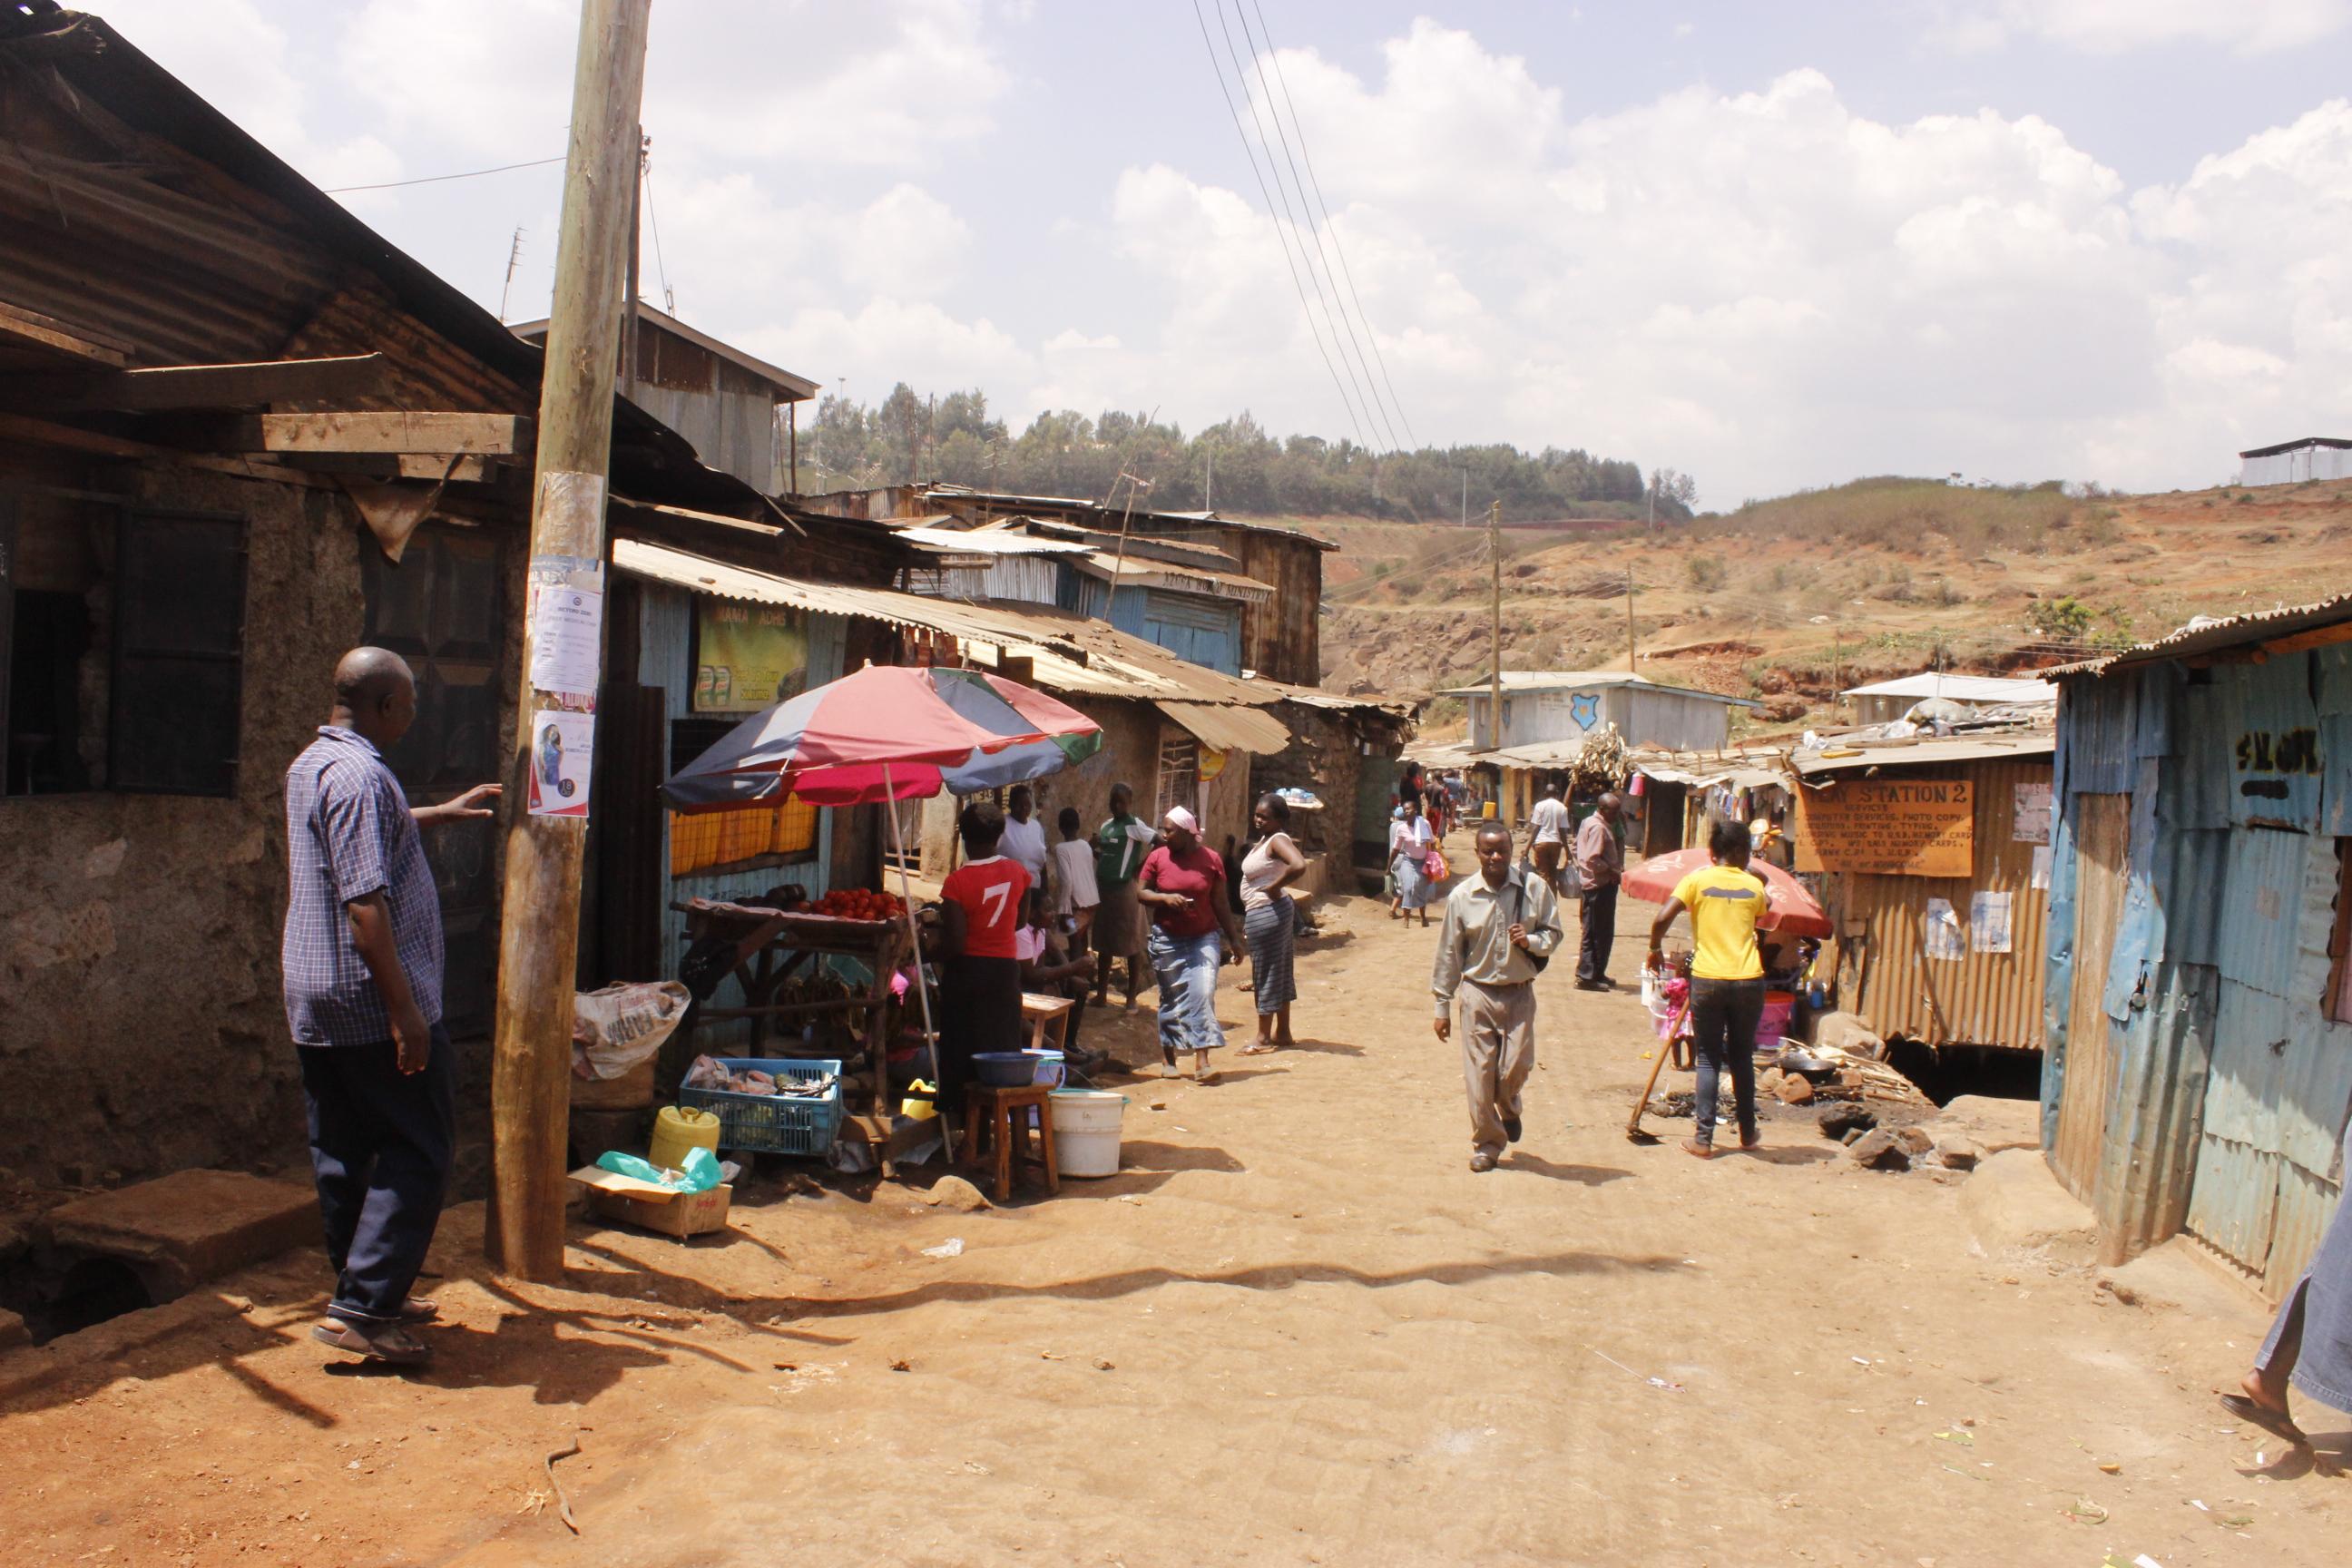 Part of Kibera Slum, Nairobi, Kenya